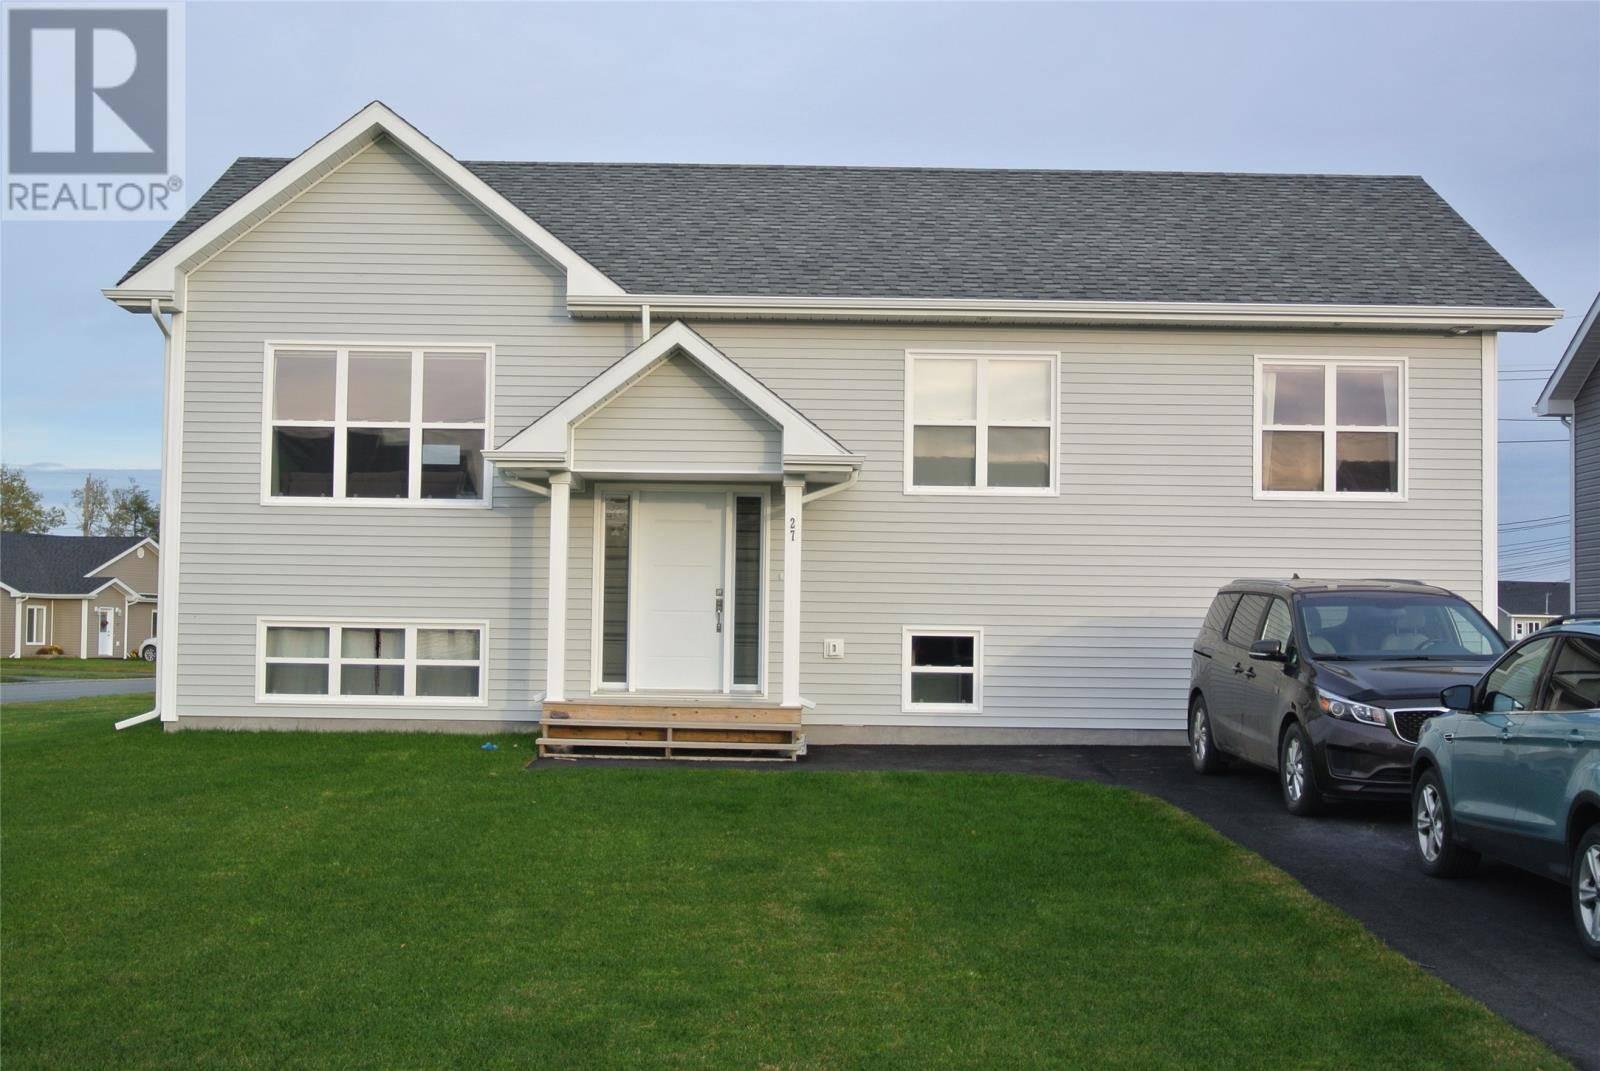 House for sale at 27 Cochran St Gander Newfoundland - MLS: 1193086